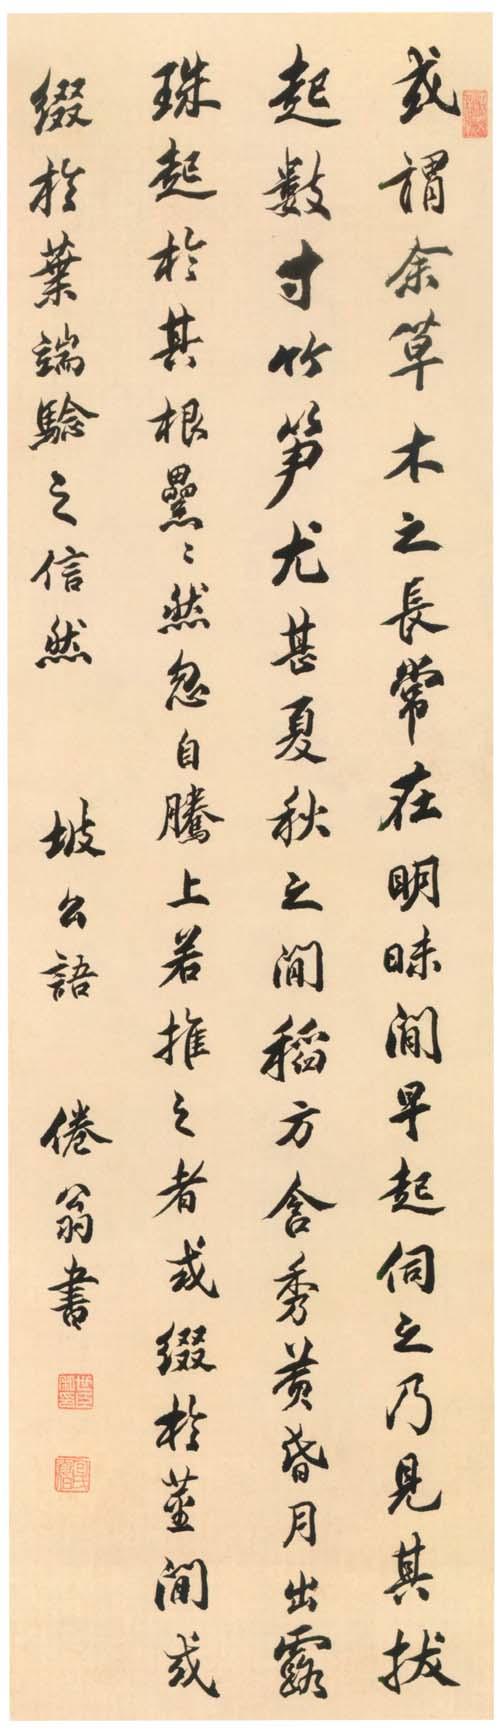 包世臣《录坡公语立轴》纸本行书 北京故宫博物院藏